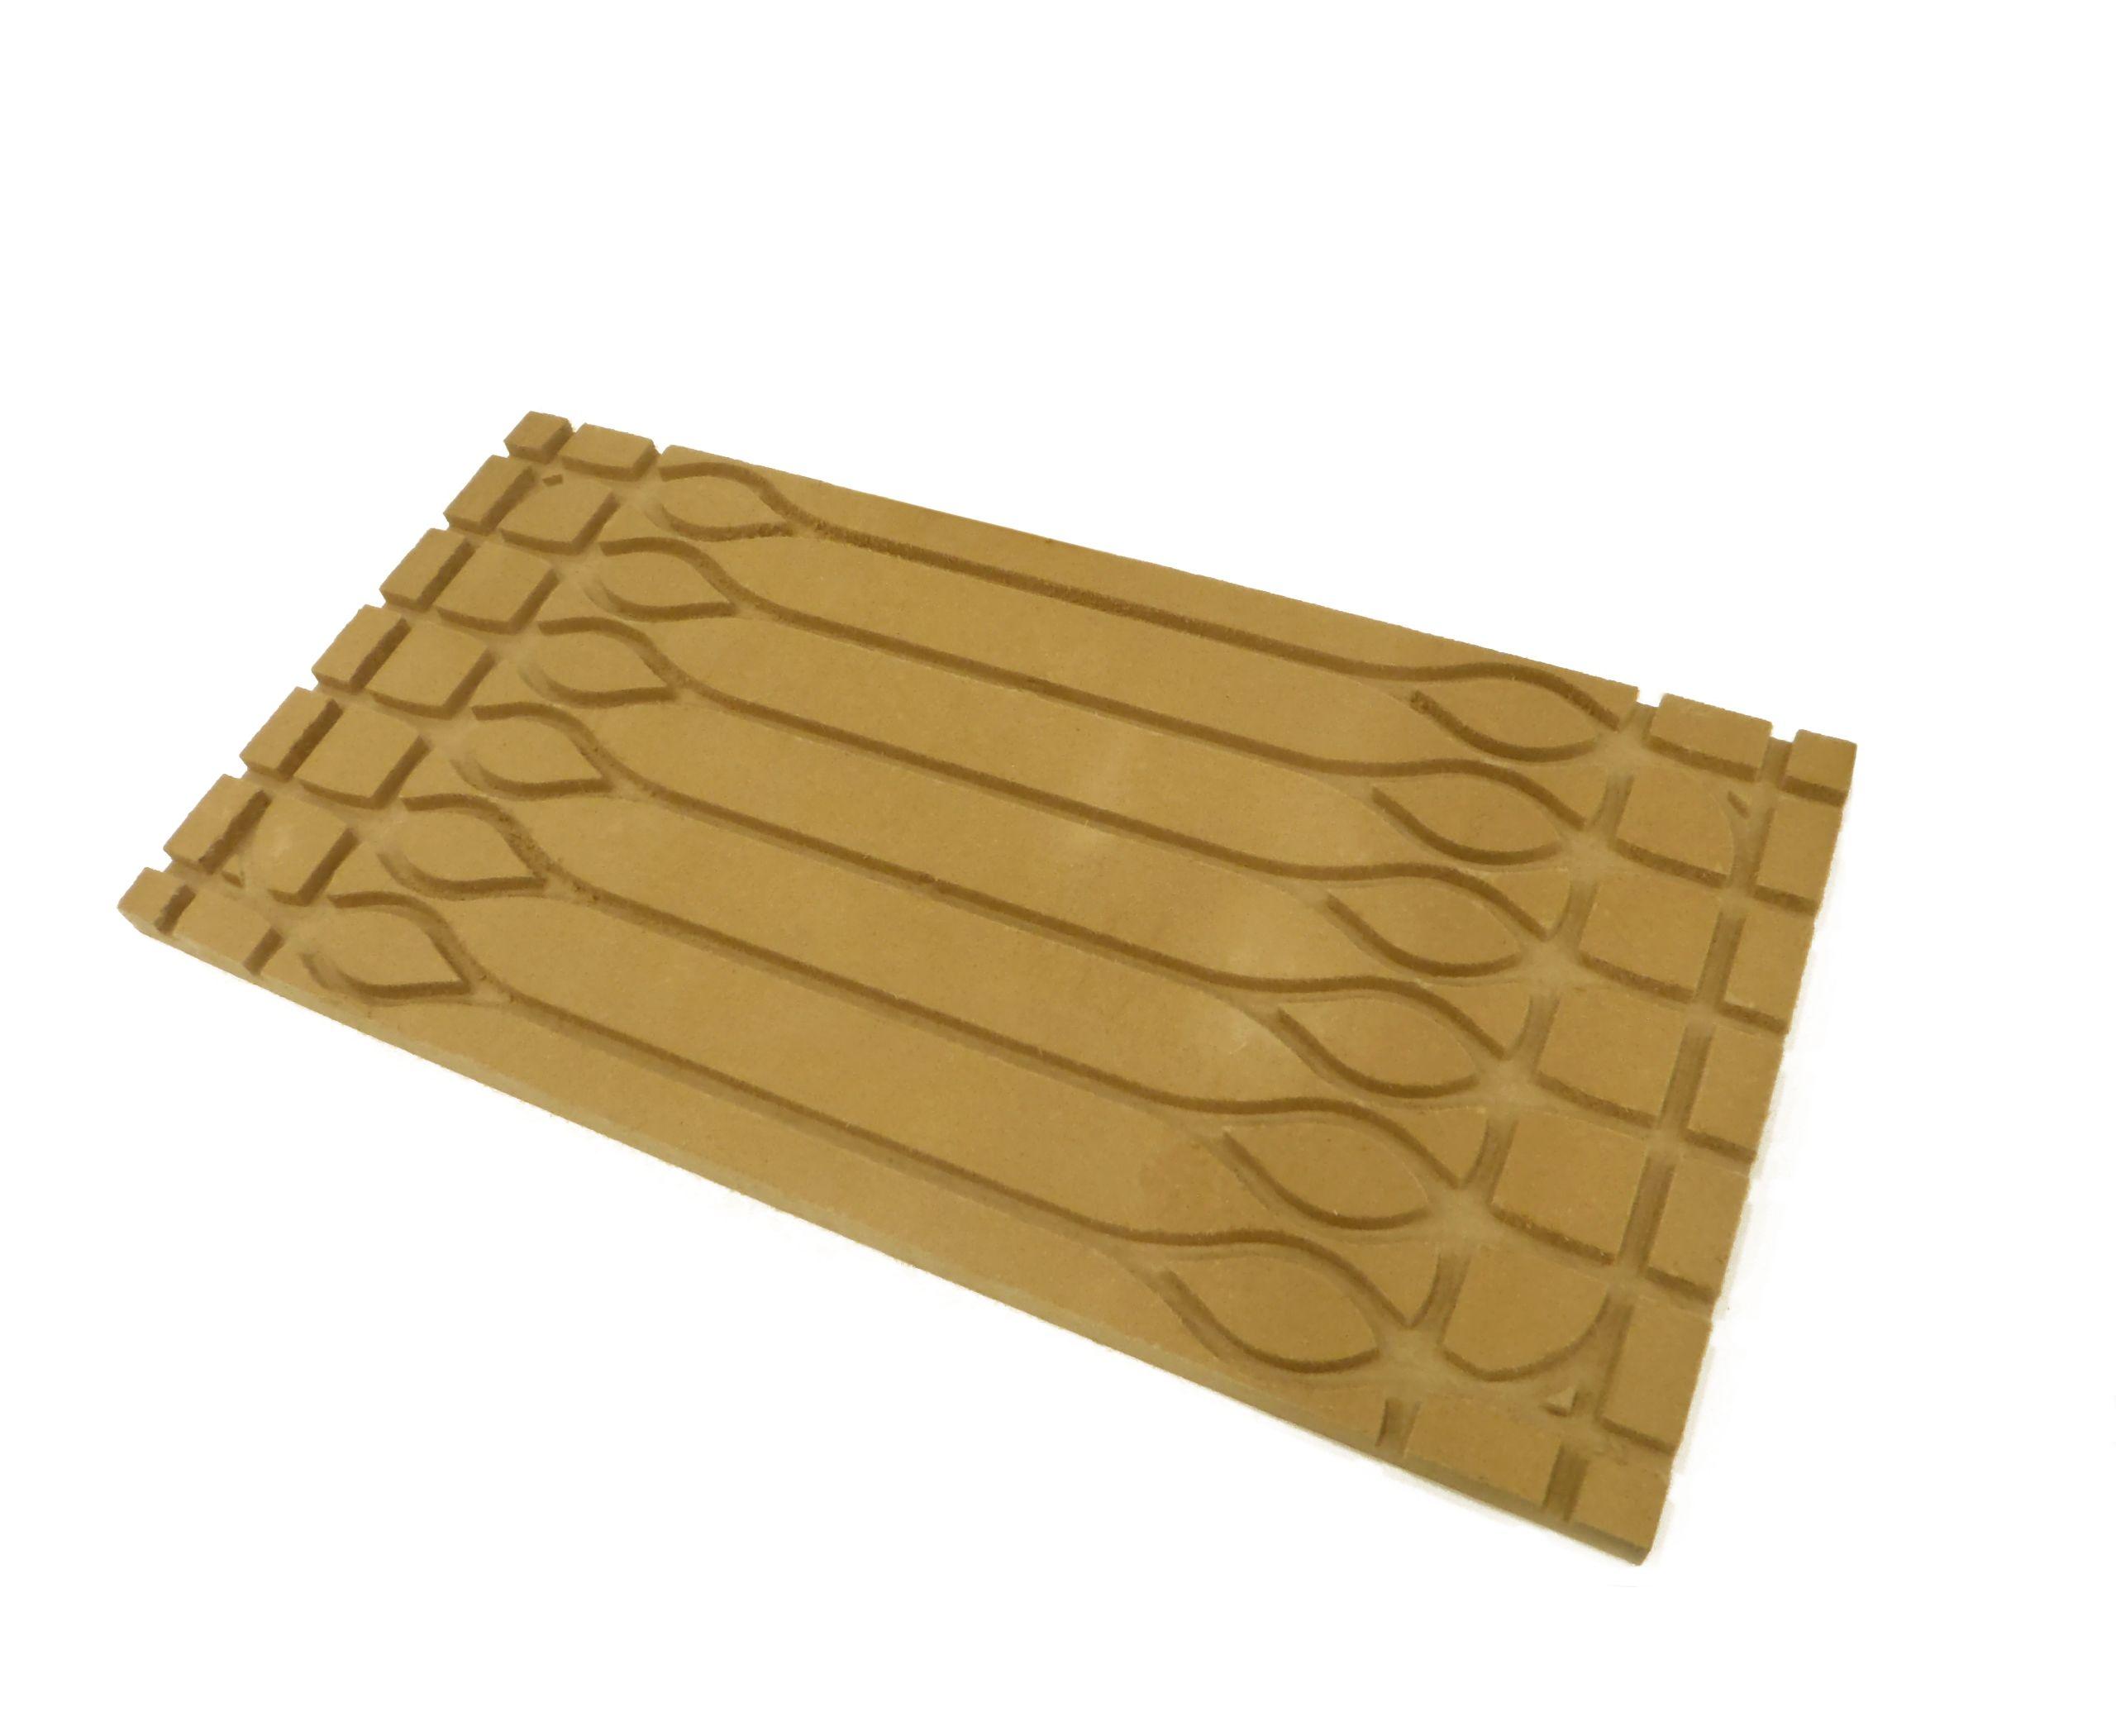 Panel radiante de suelo de madera cemento betonradiant by - Panel madera cemento ...